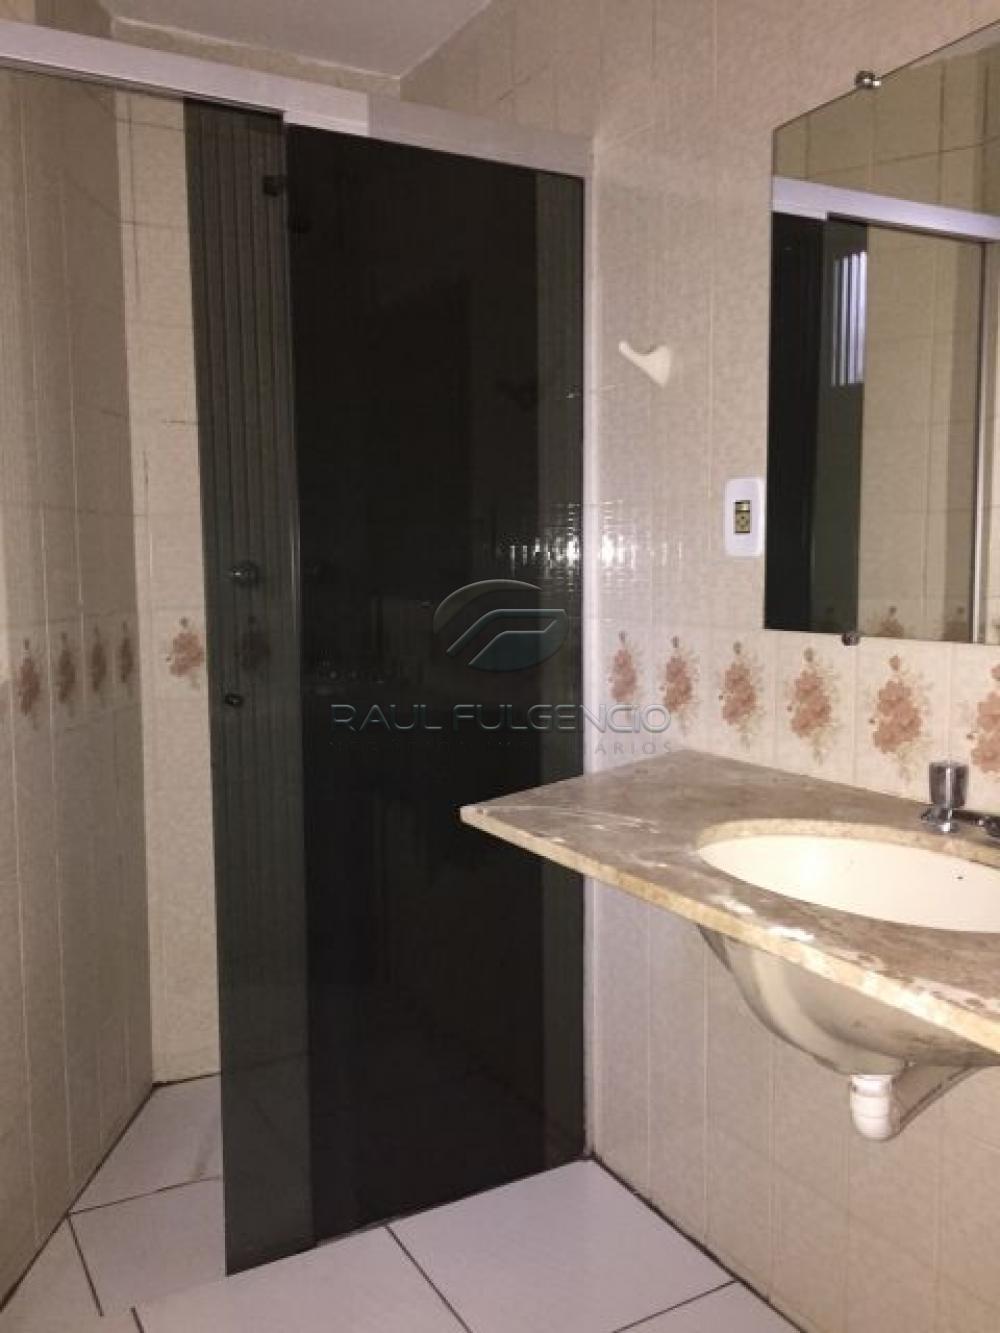 Comprar Apartamento / Padrão em Londrina apenas R$ 298.000,00 - Foto 11